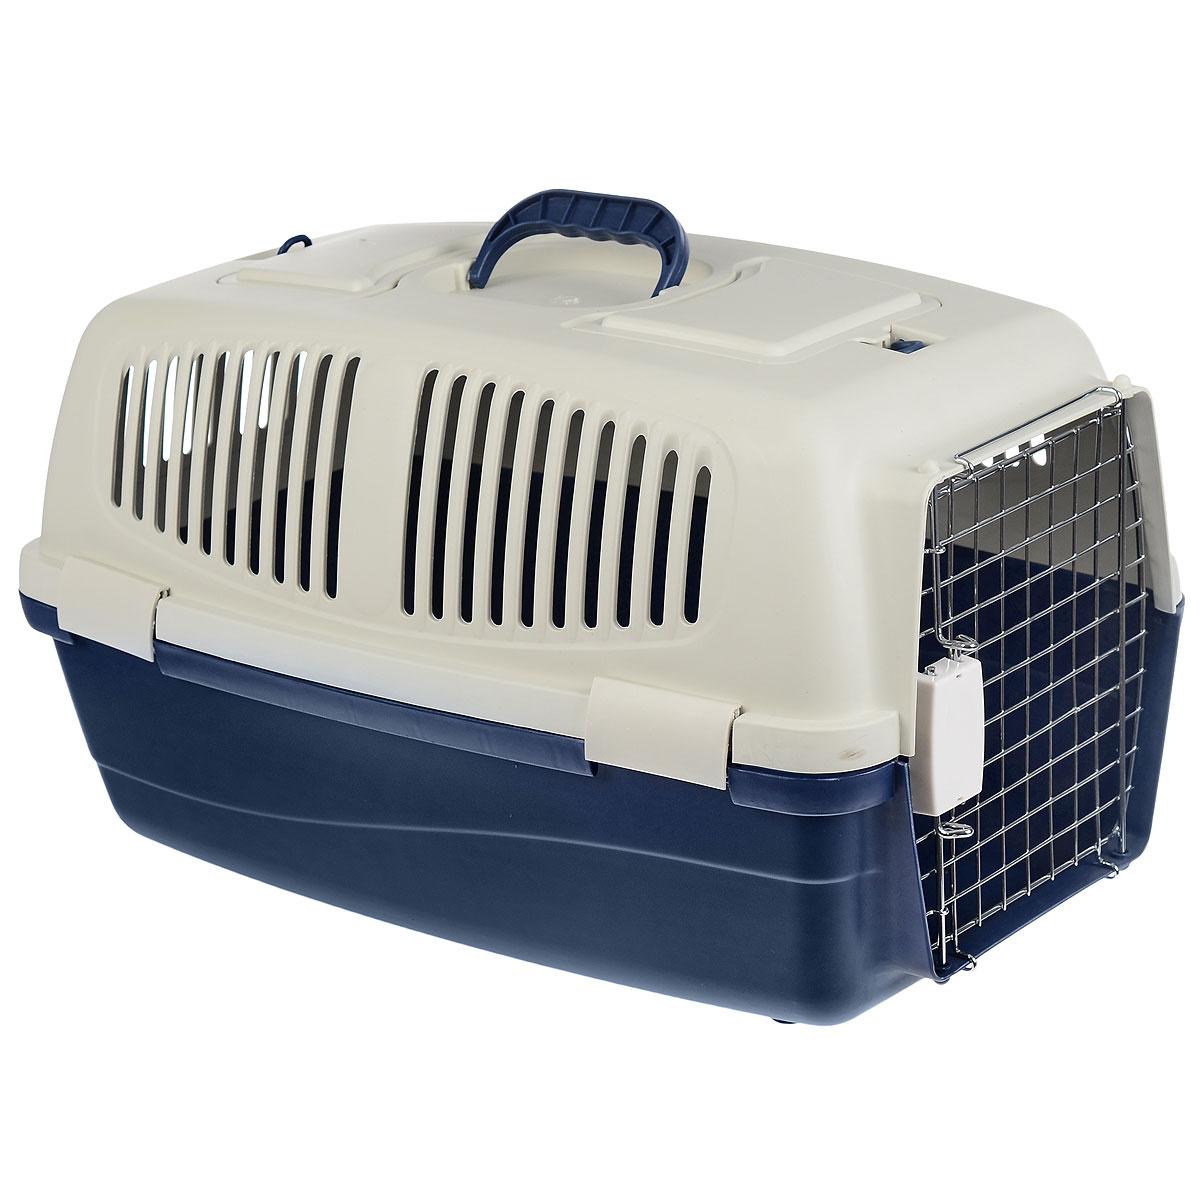 Переноска для животных Triol, с замком, цвет: синий, серый, 62 х 34 х 36 см переноска для животных triol с замком цвет синий серый 62 х 34 х 36 см